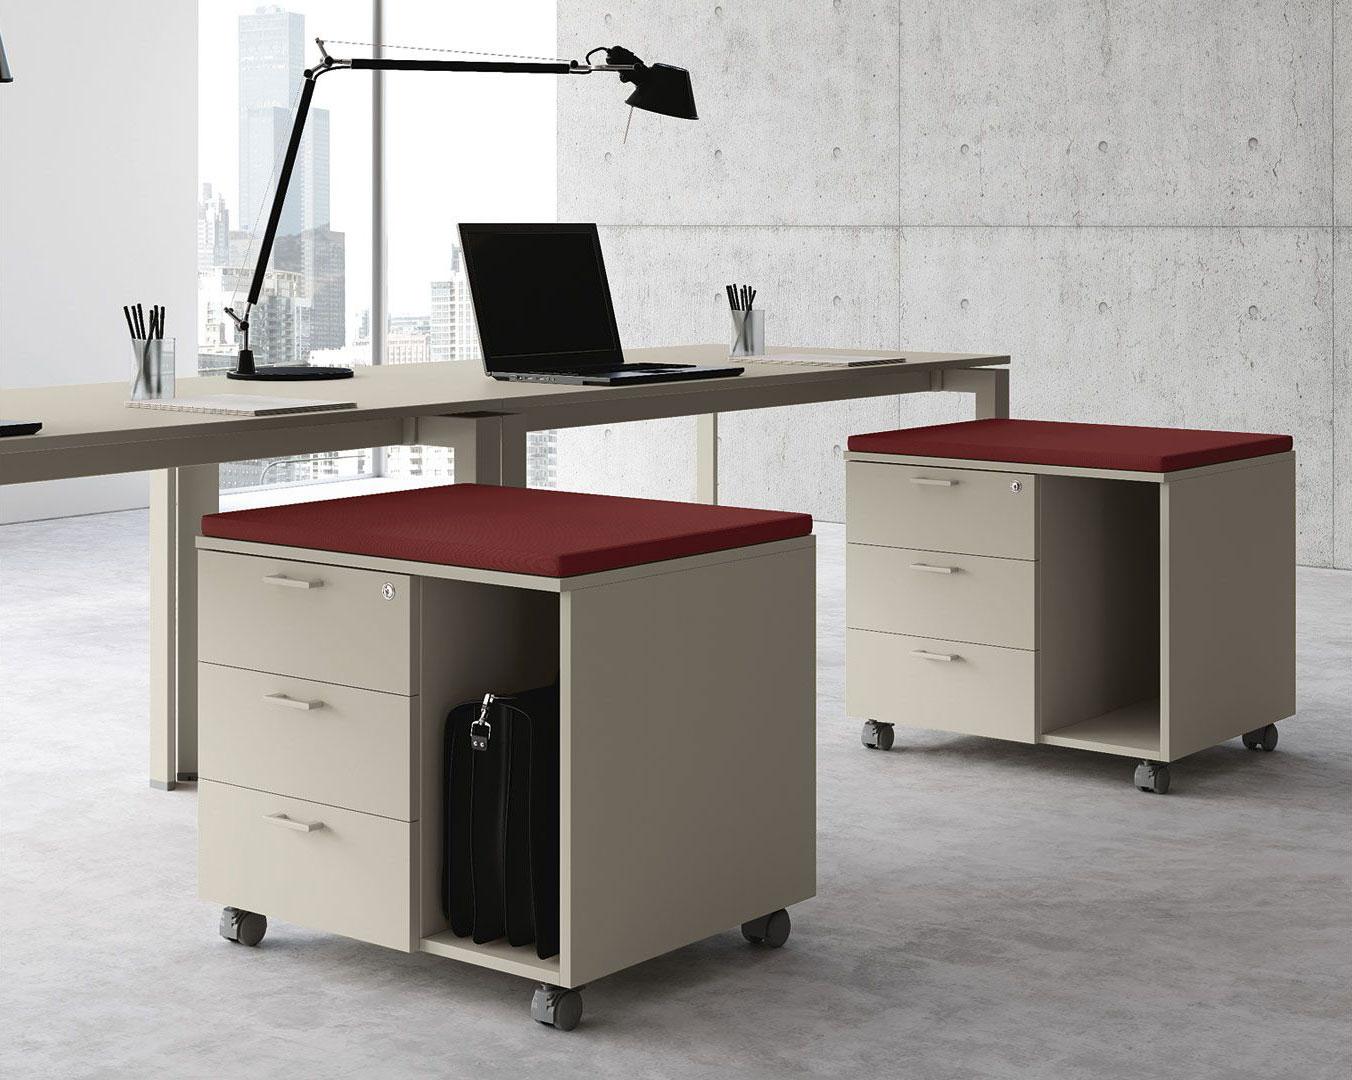 Reforma Oficinas Cerdanyola Del Vall S Dise O De Proyectos Y  # Muebles Cerdanyola